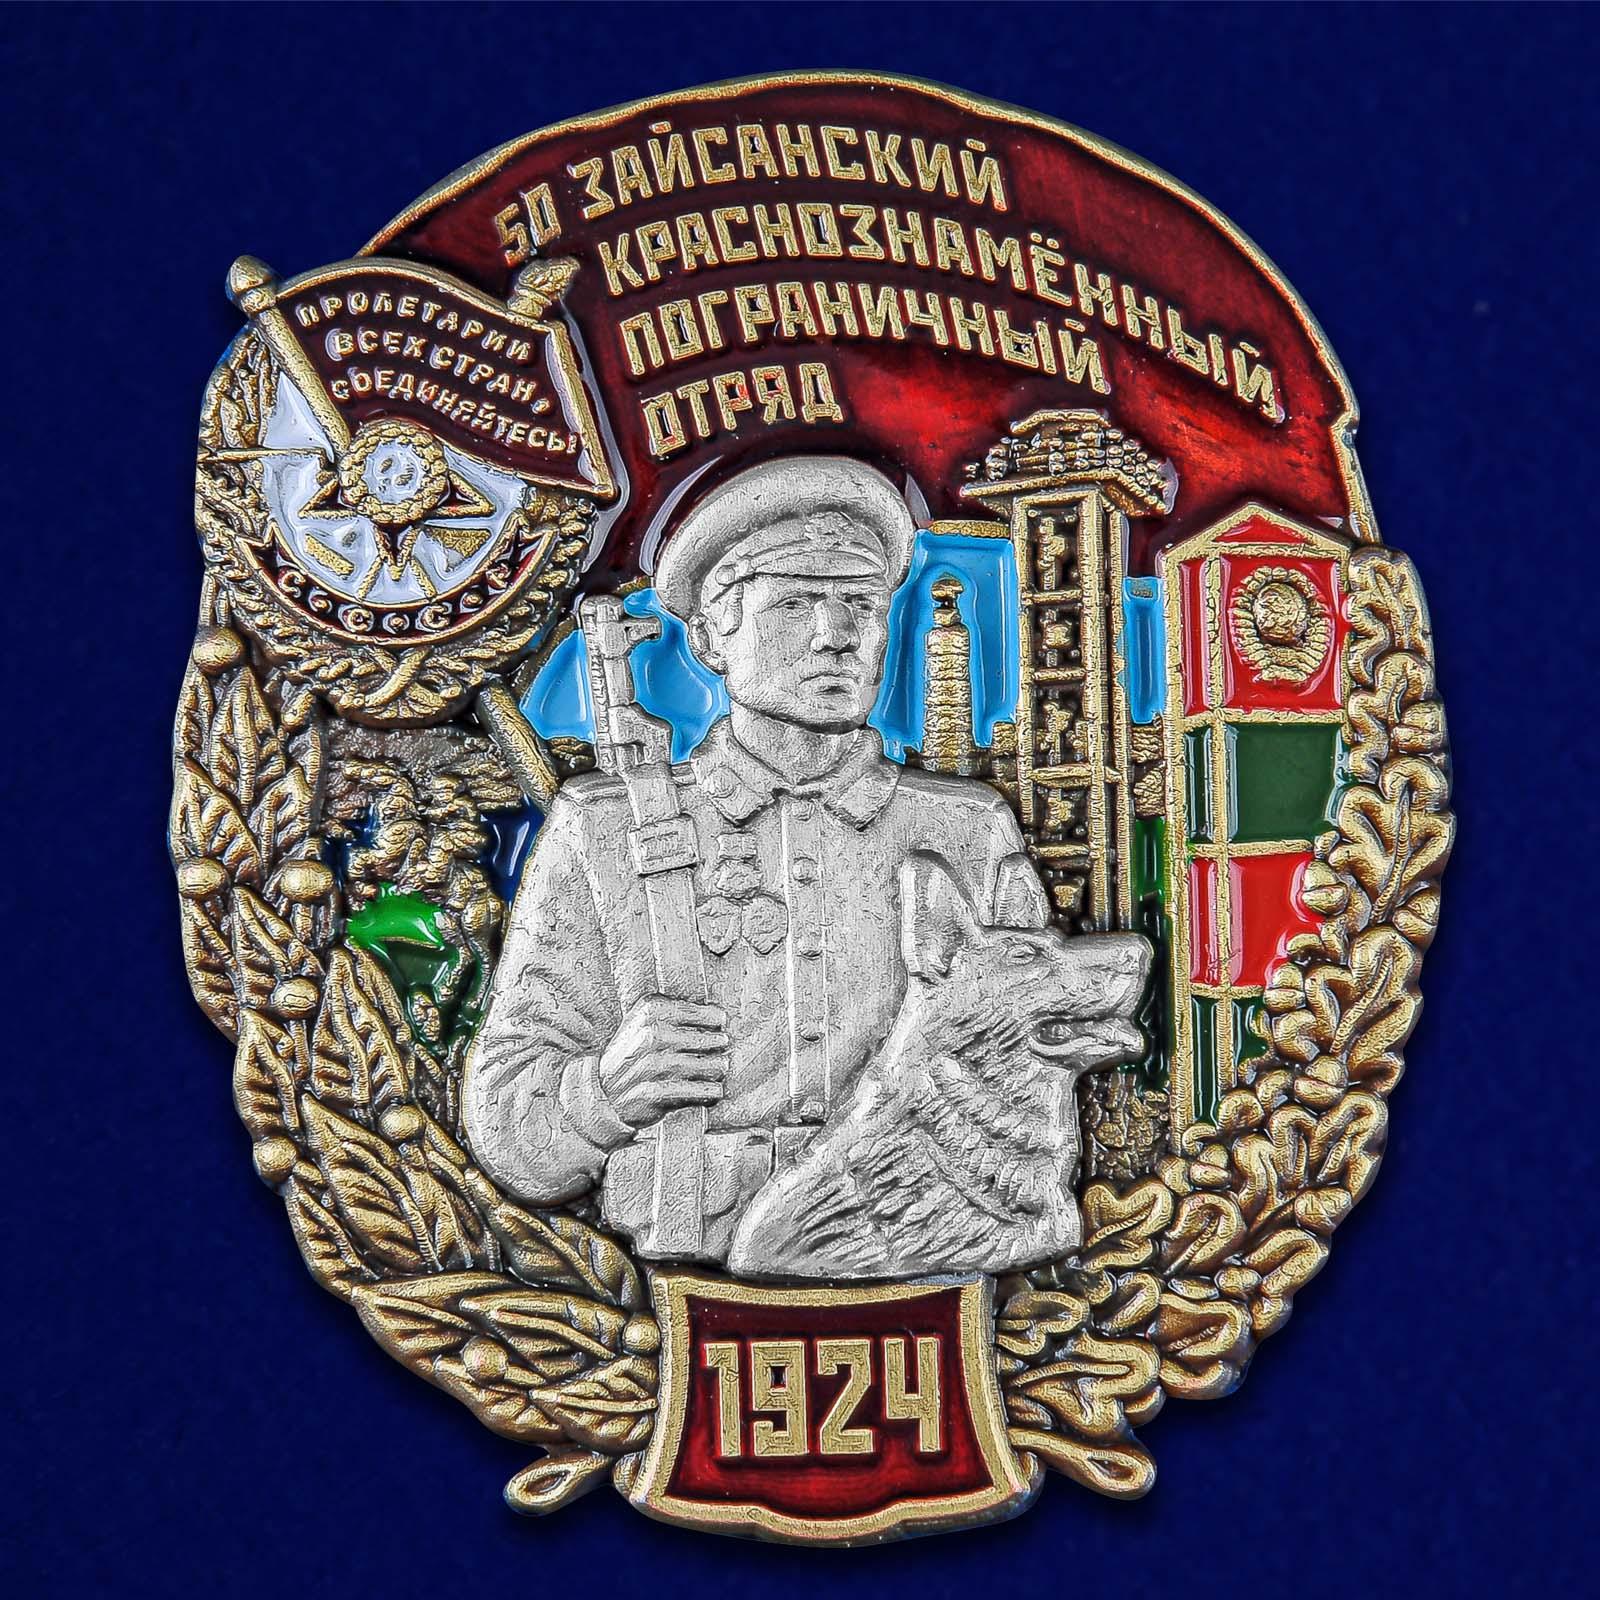 Знак 50 Зайсанский пограничный отряд - аверс